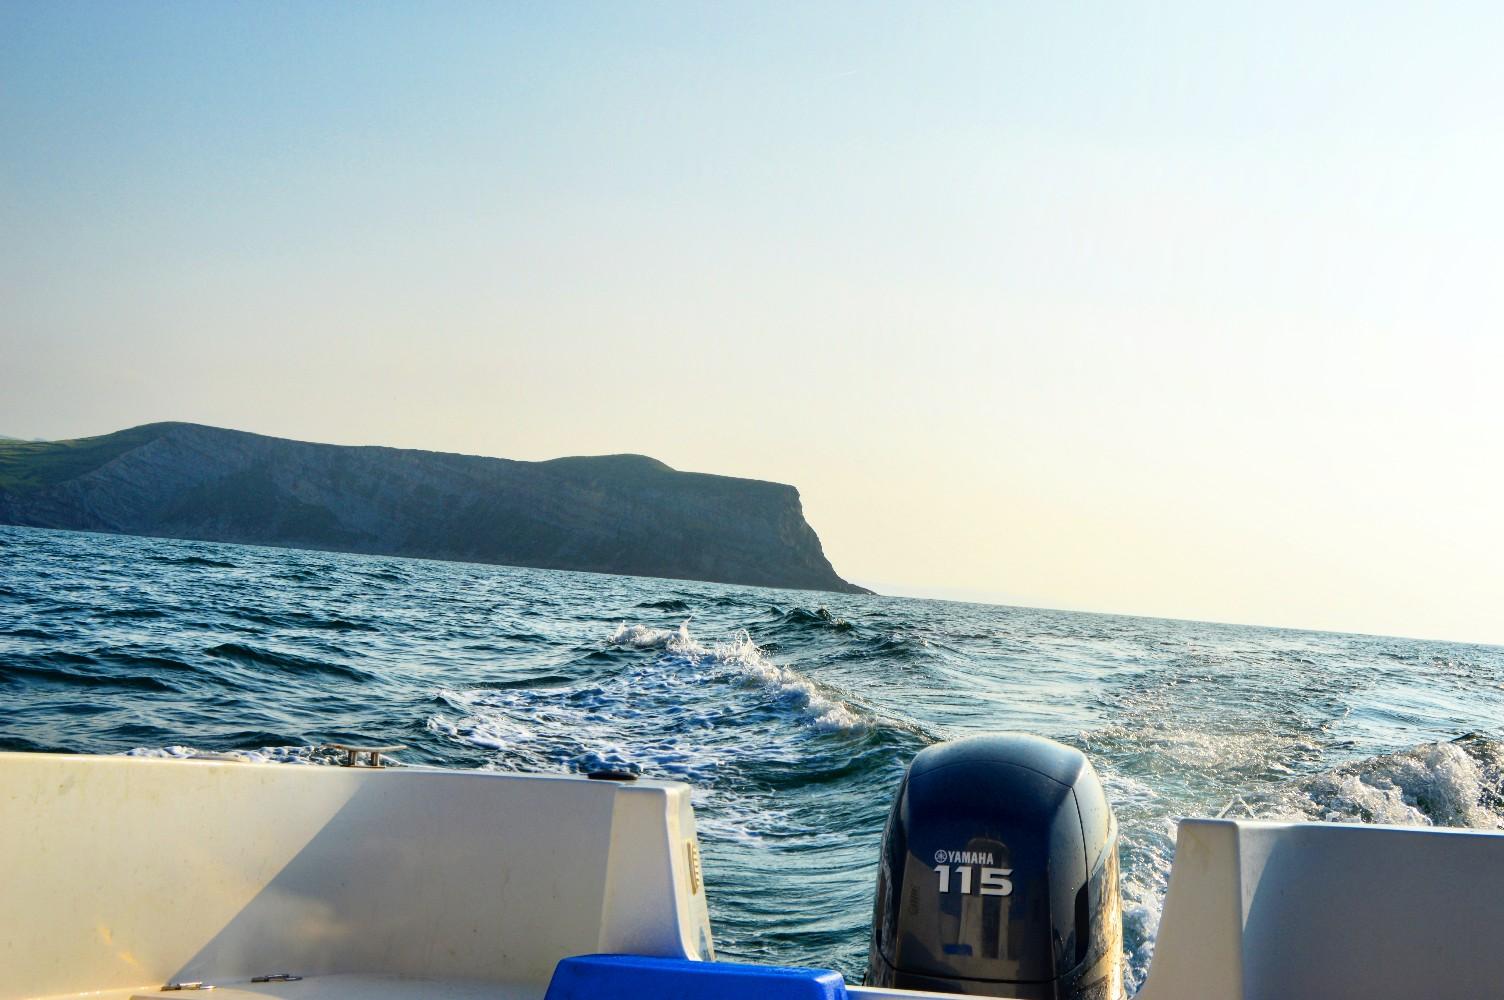 fotografias de nuestros barcos navegando!!